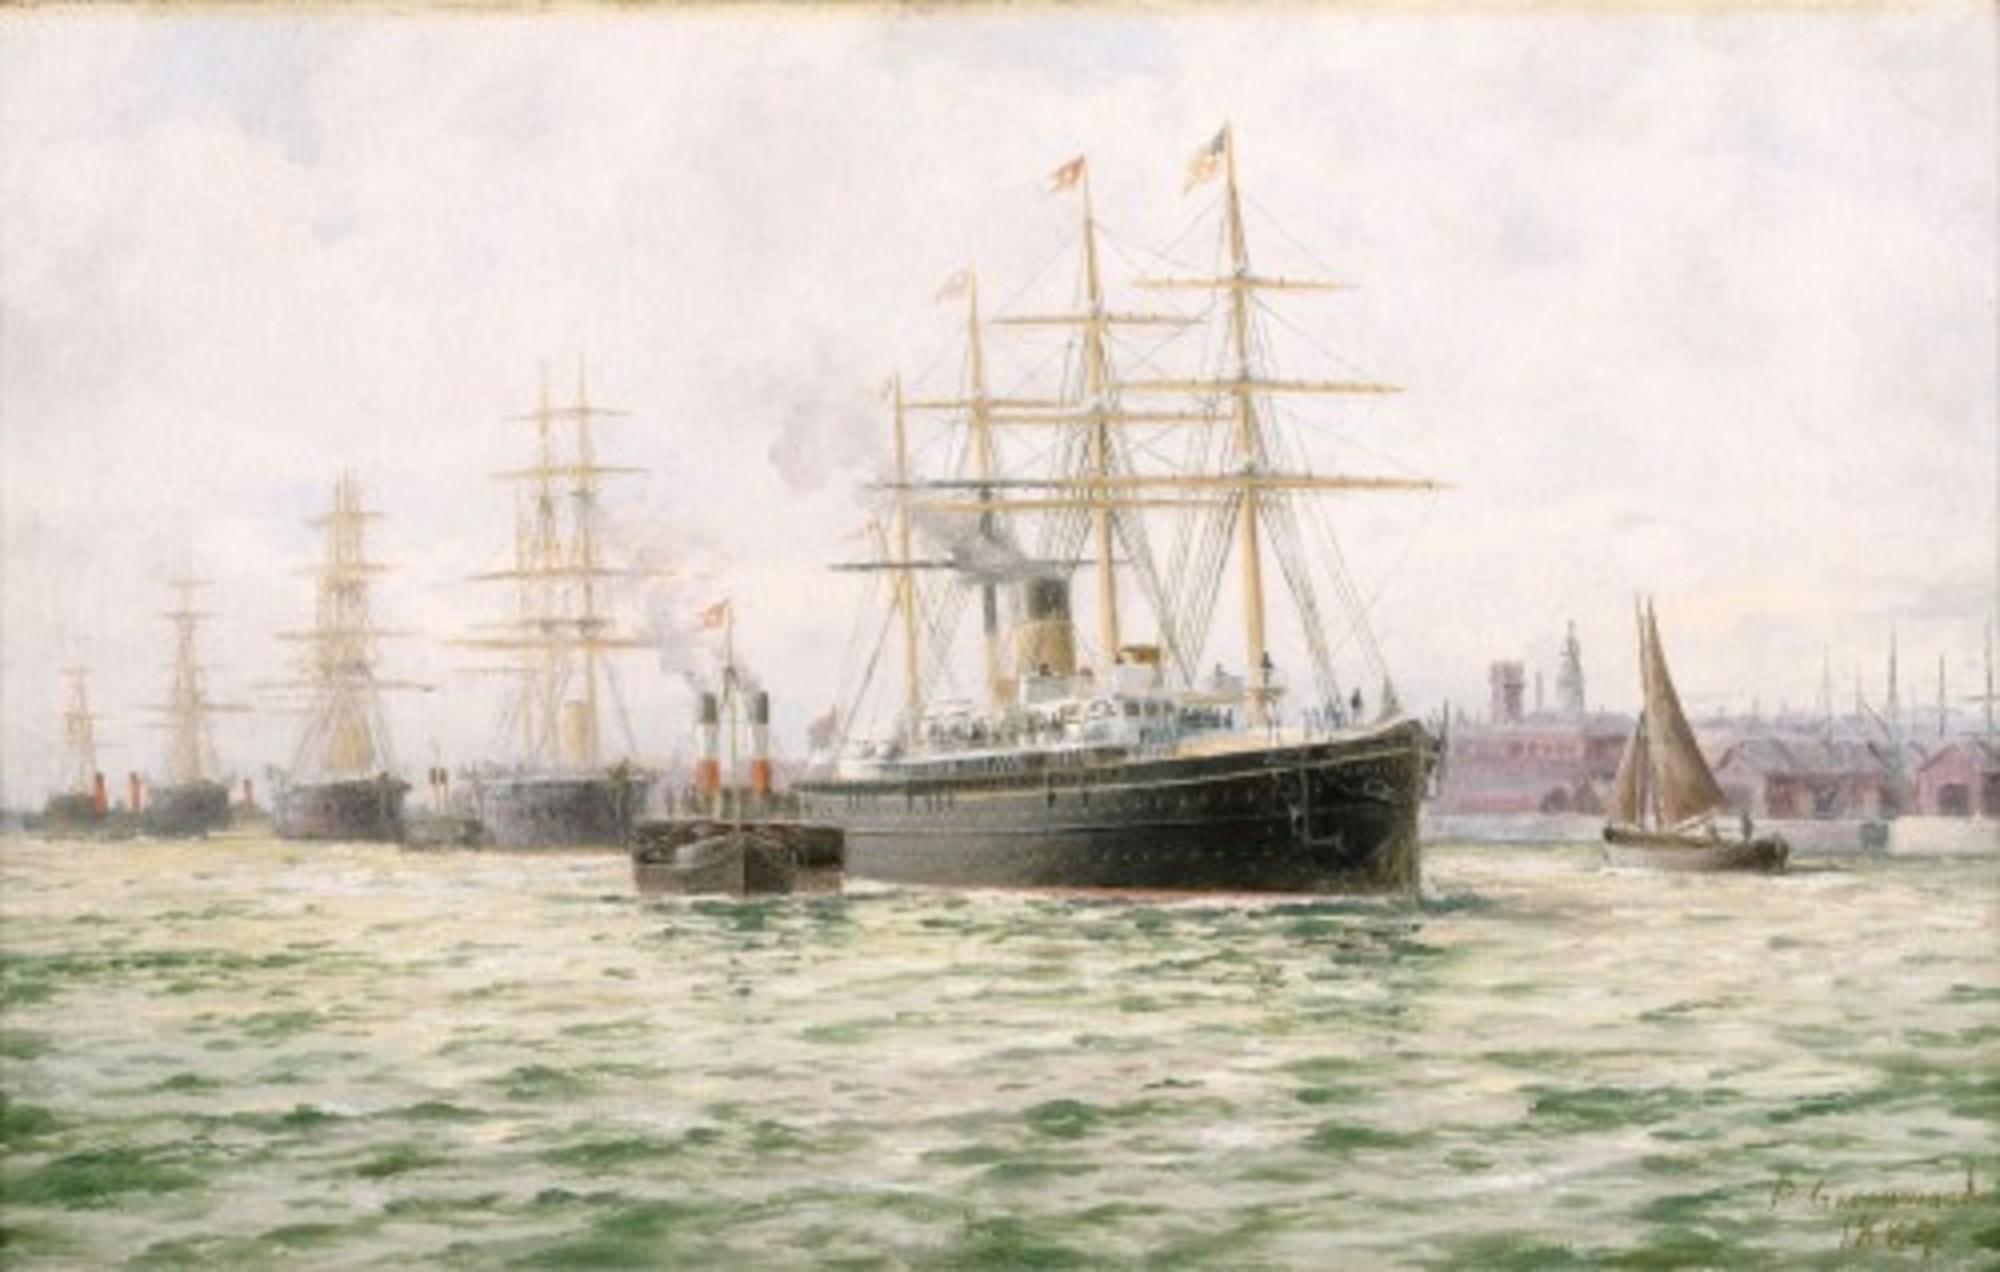 The-White-Star-Line-steamship-Adriatic-leaving-Liverpool-RMG-BHC3173.jpg